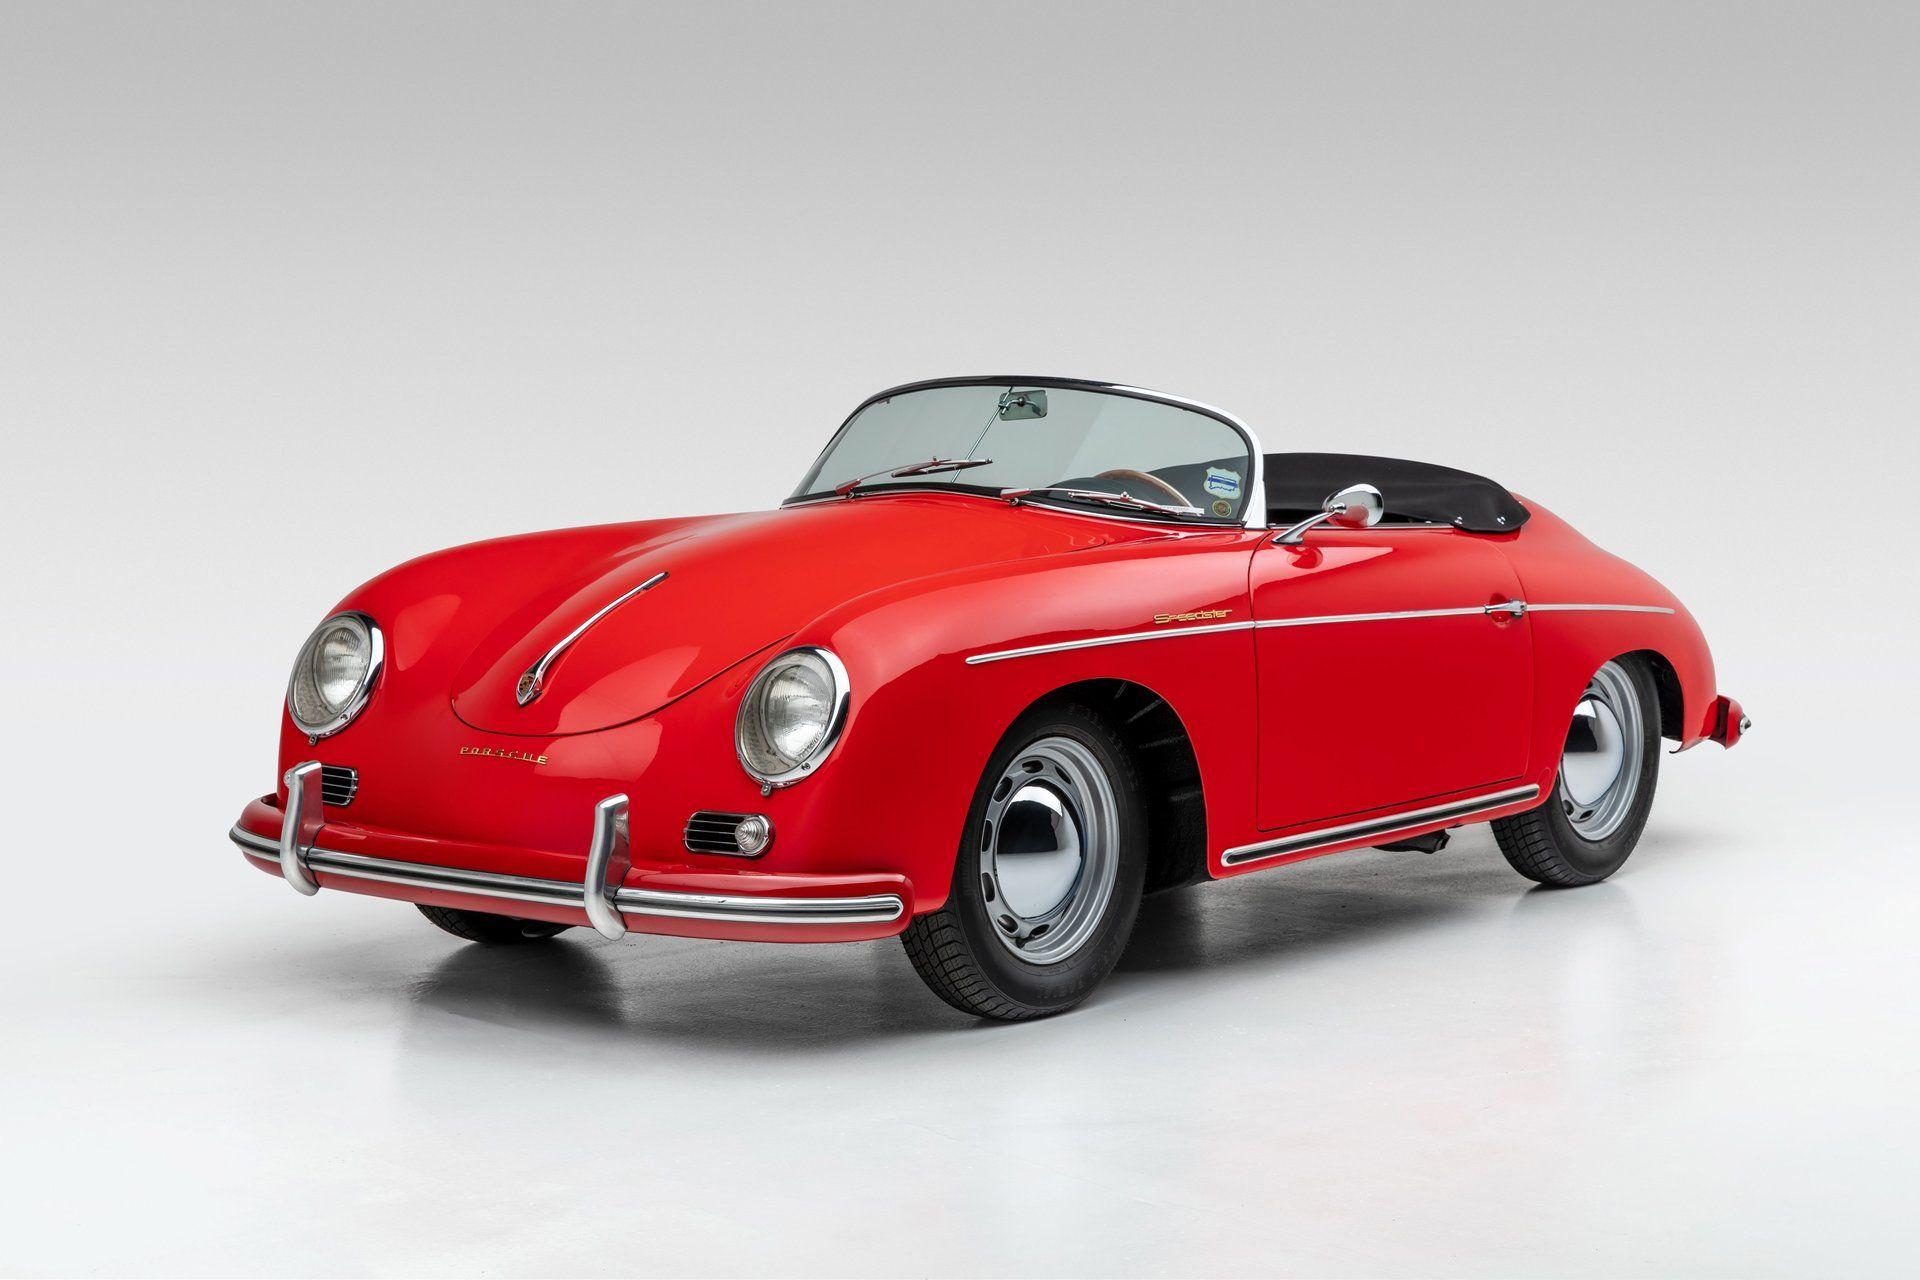 Make Then Envious With This 1956 Porsche 356A Speedster